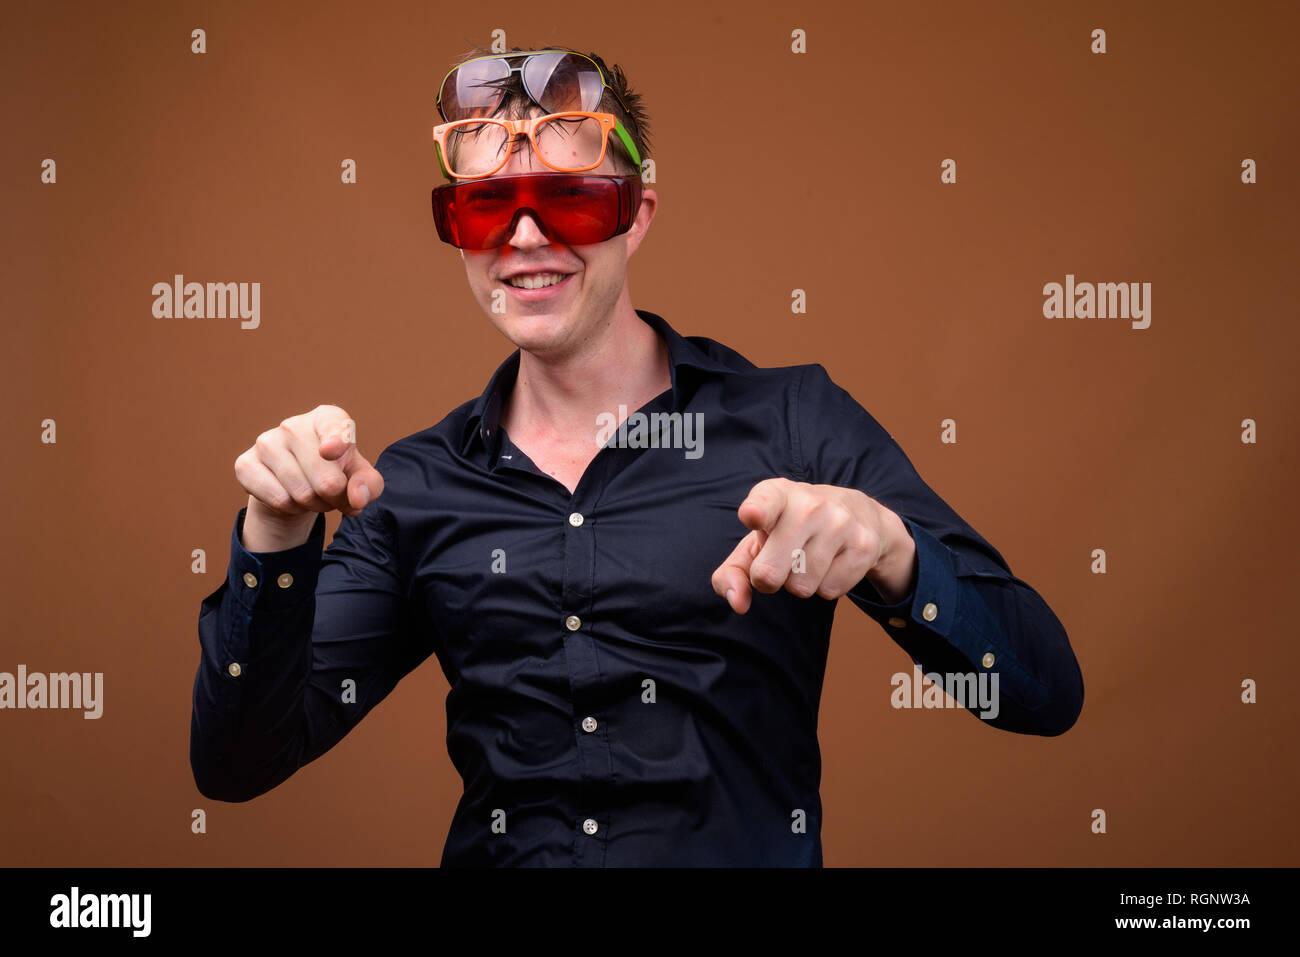 5a137a881 Hombre en ropa mojada sonriente y llevaba muchos gafas de sol Imagen De  Stock